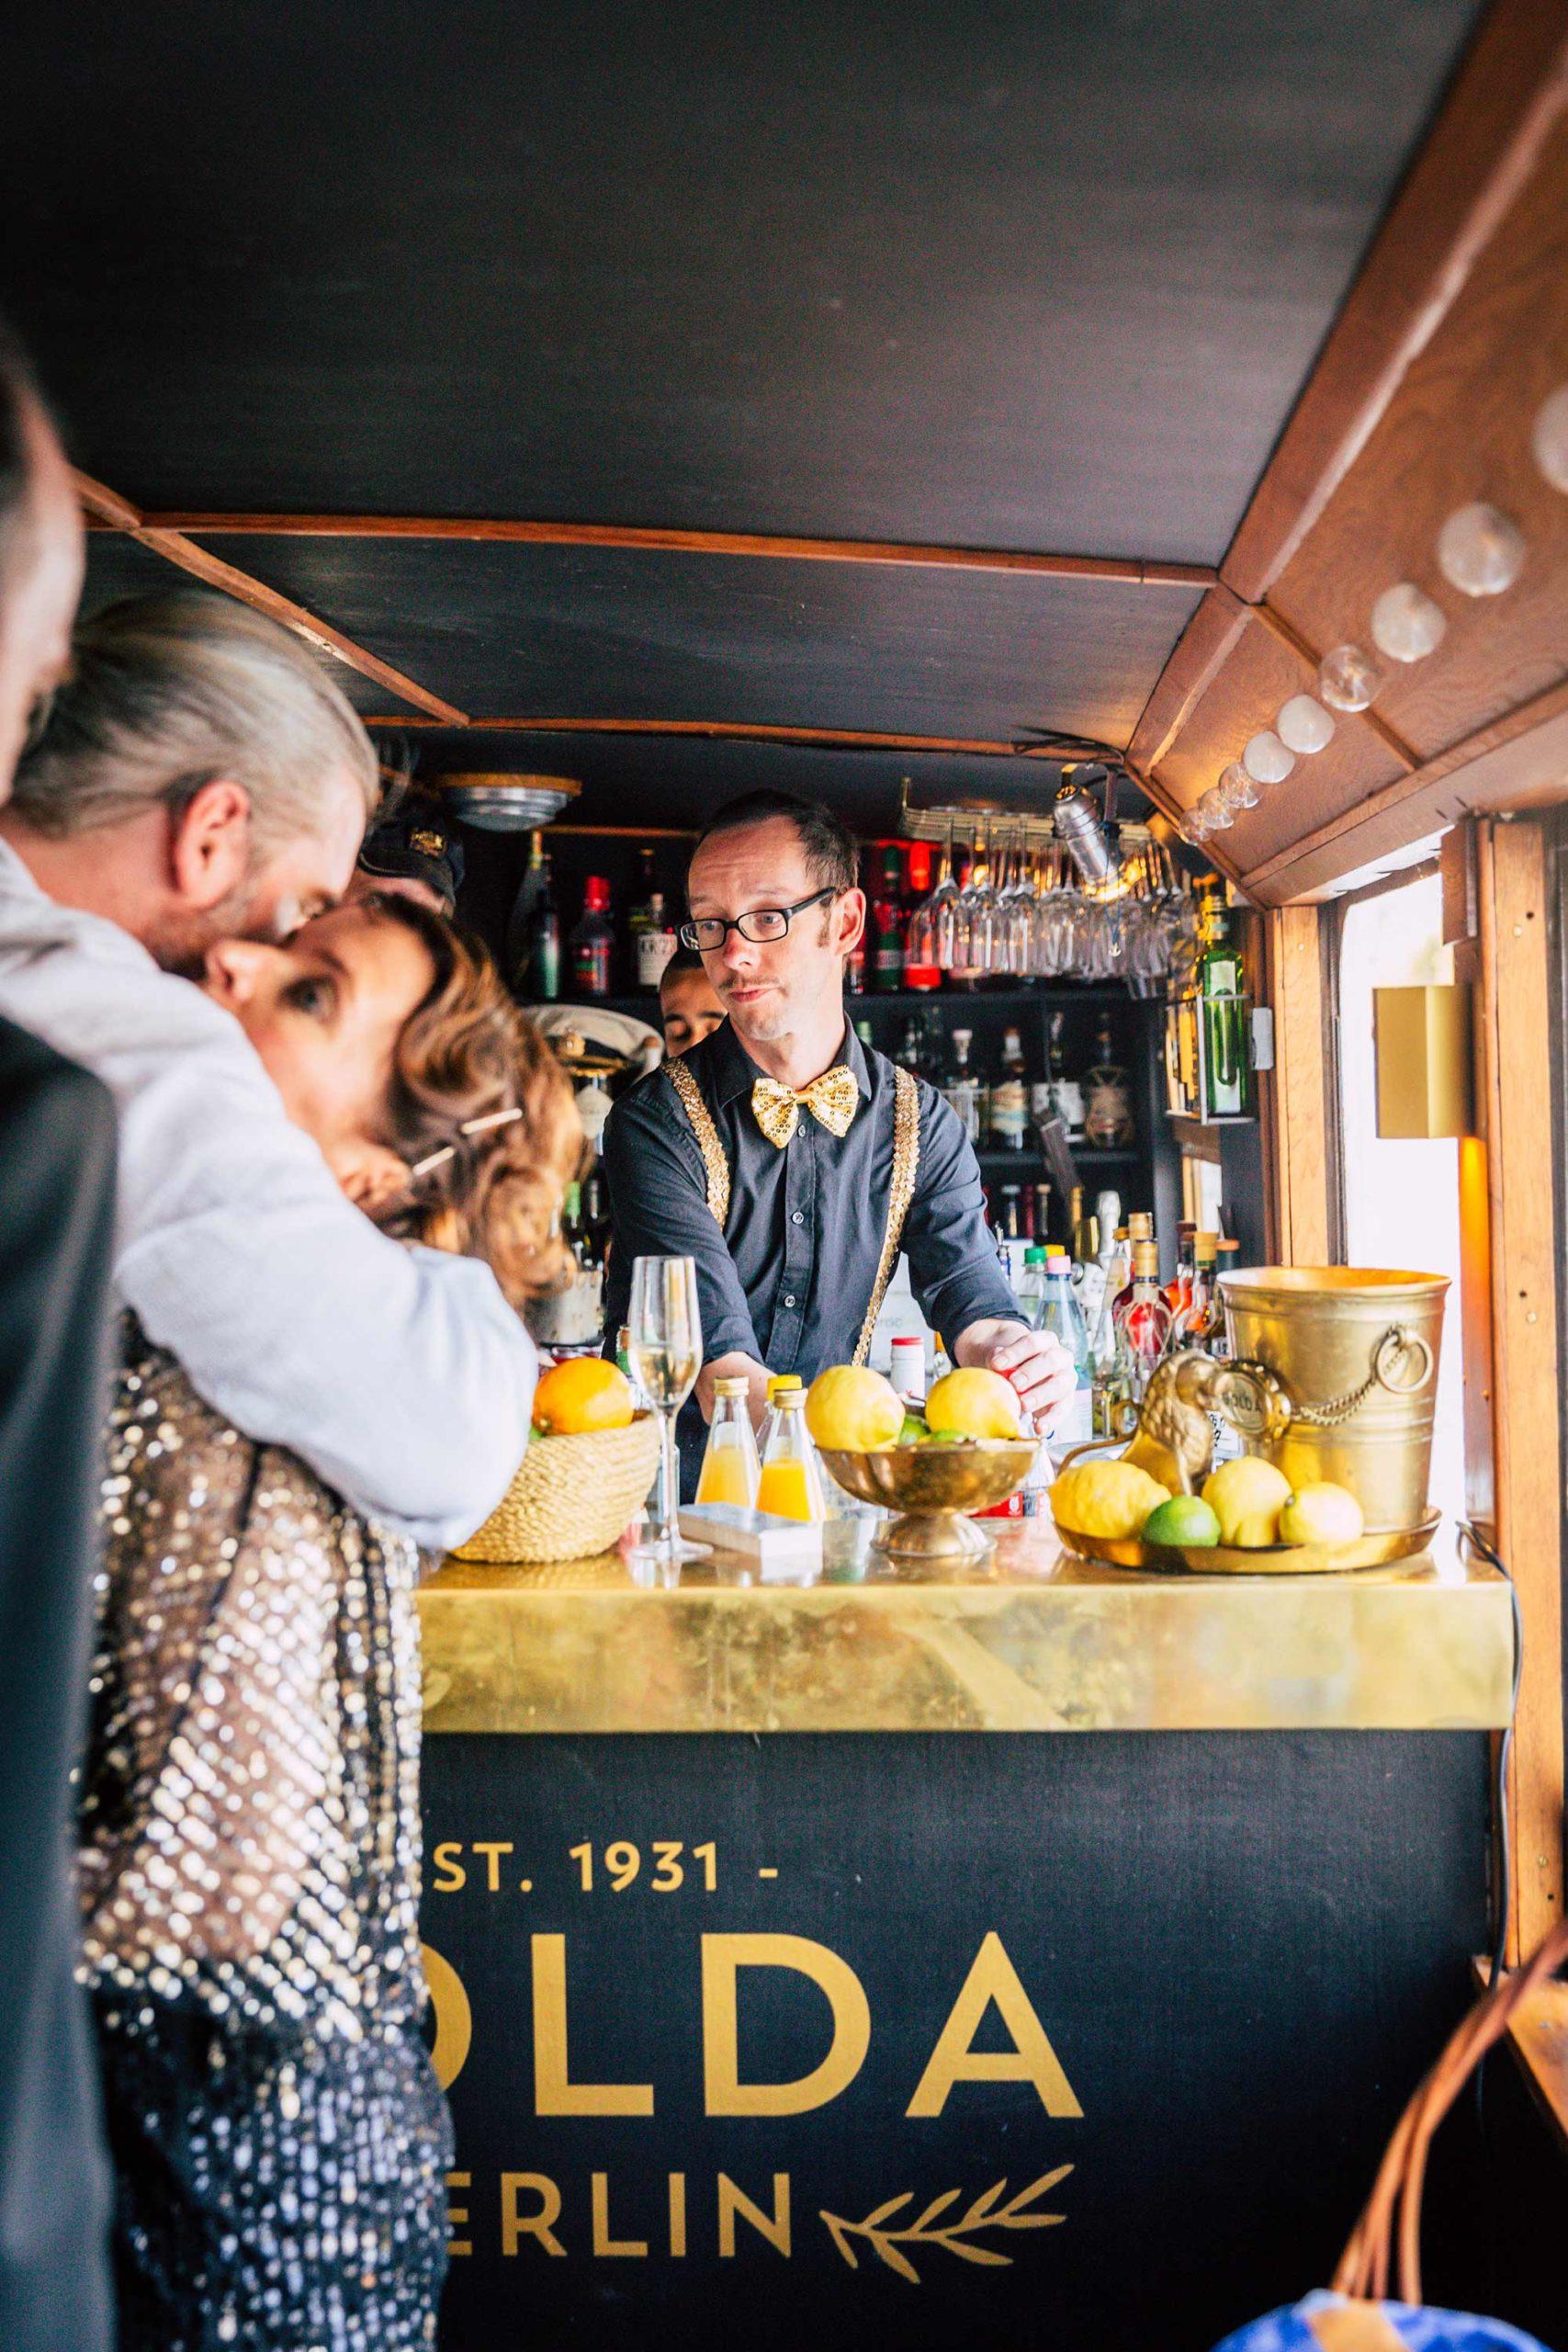 Foto by Catharina Schökel / Partyboot Salonschiff Golda